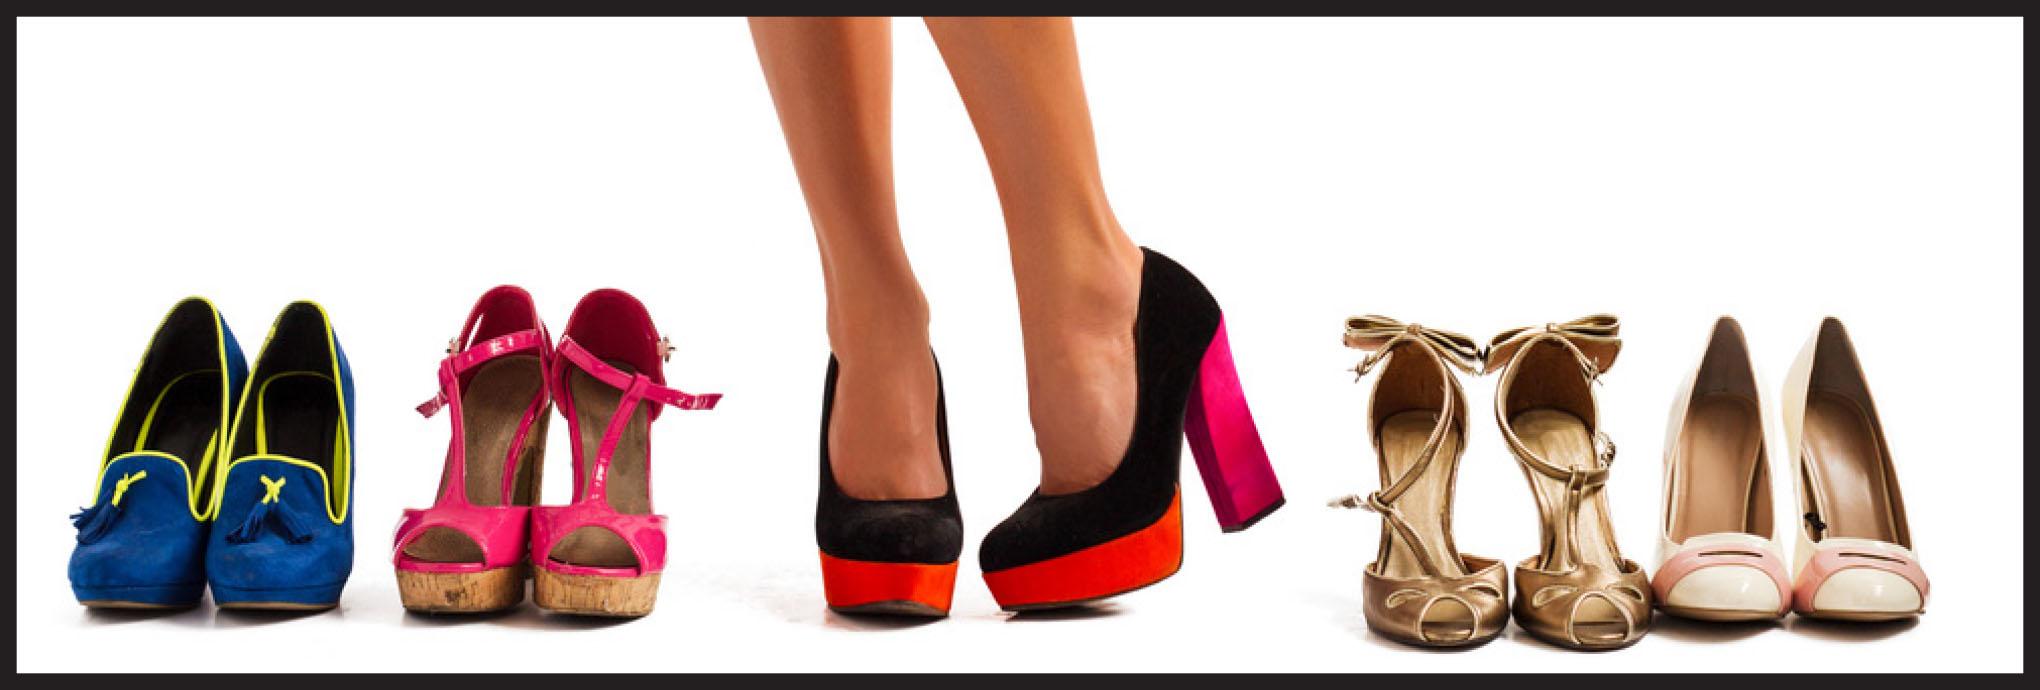 shoes-women-shopping-habits